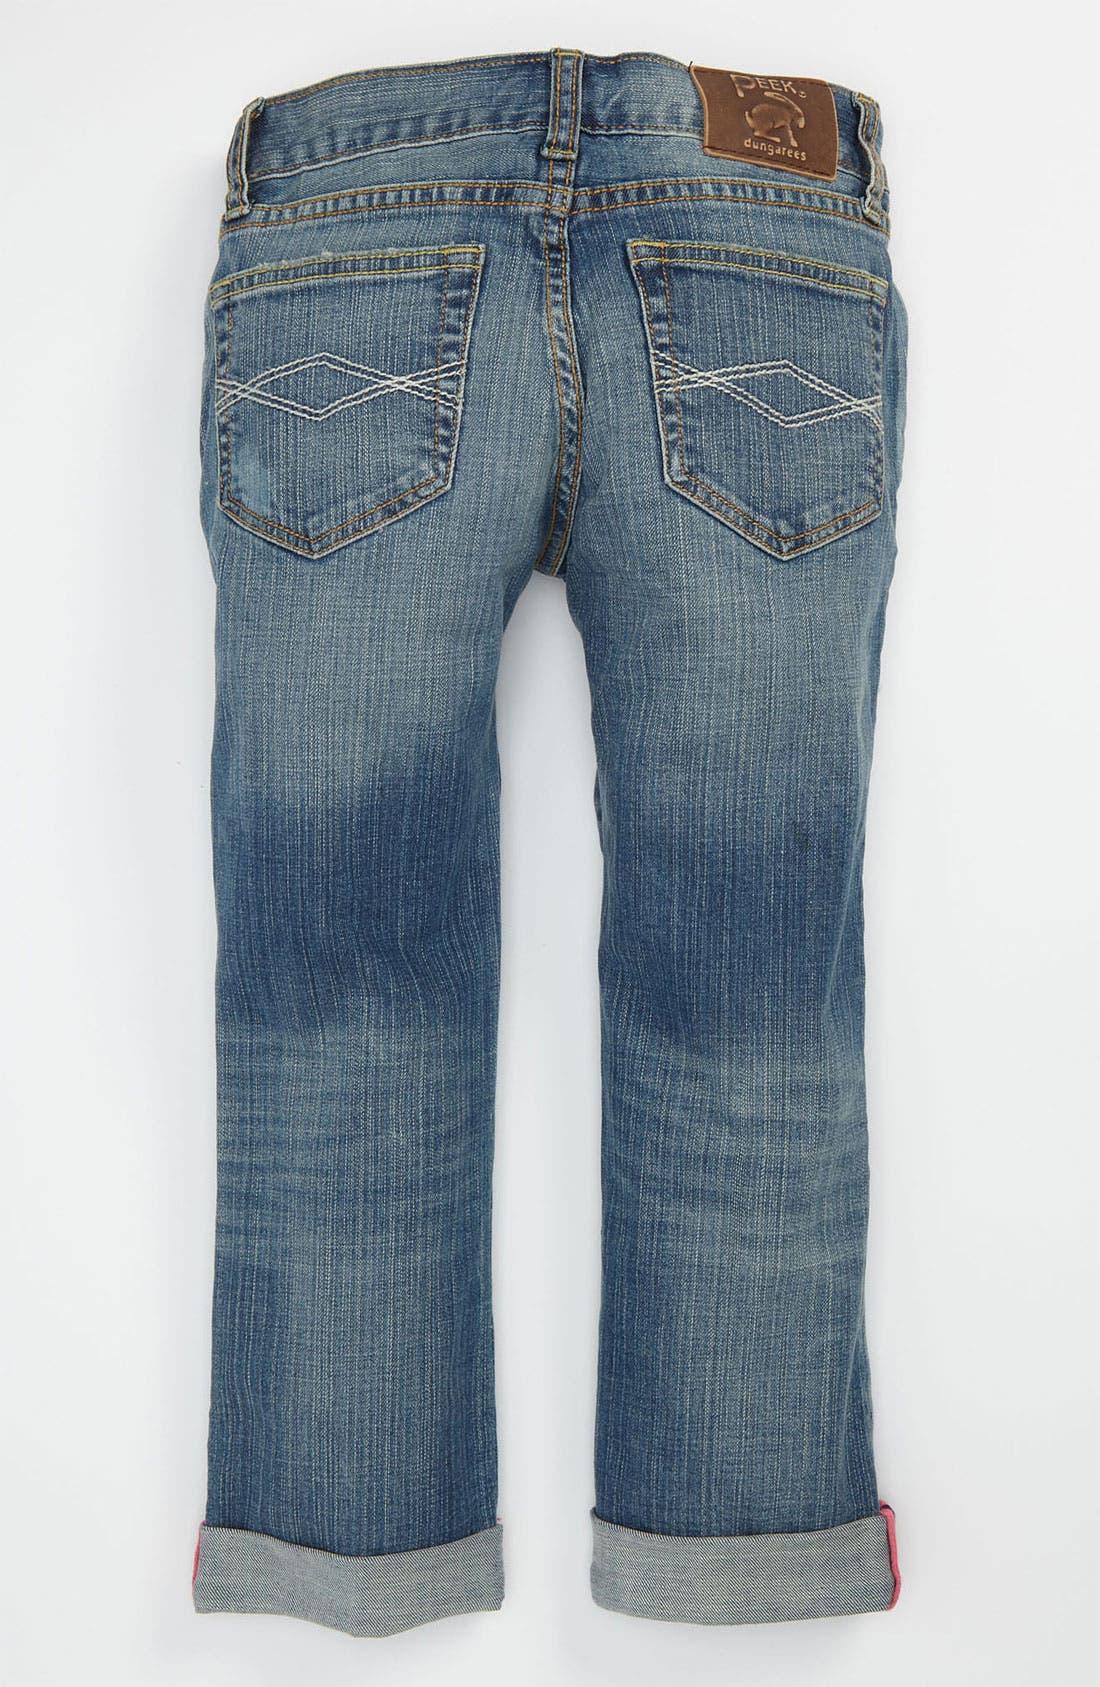 Main Image - Peek 'Greta' Jeans (Big Girls)